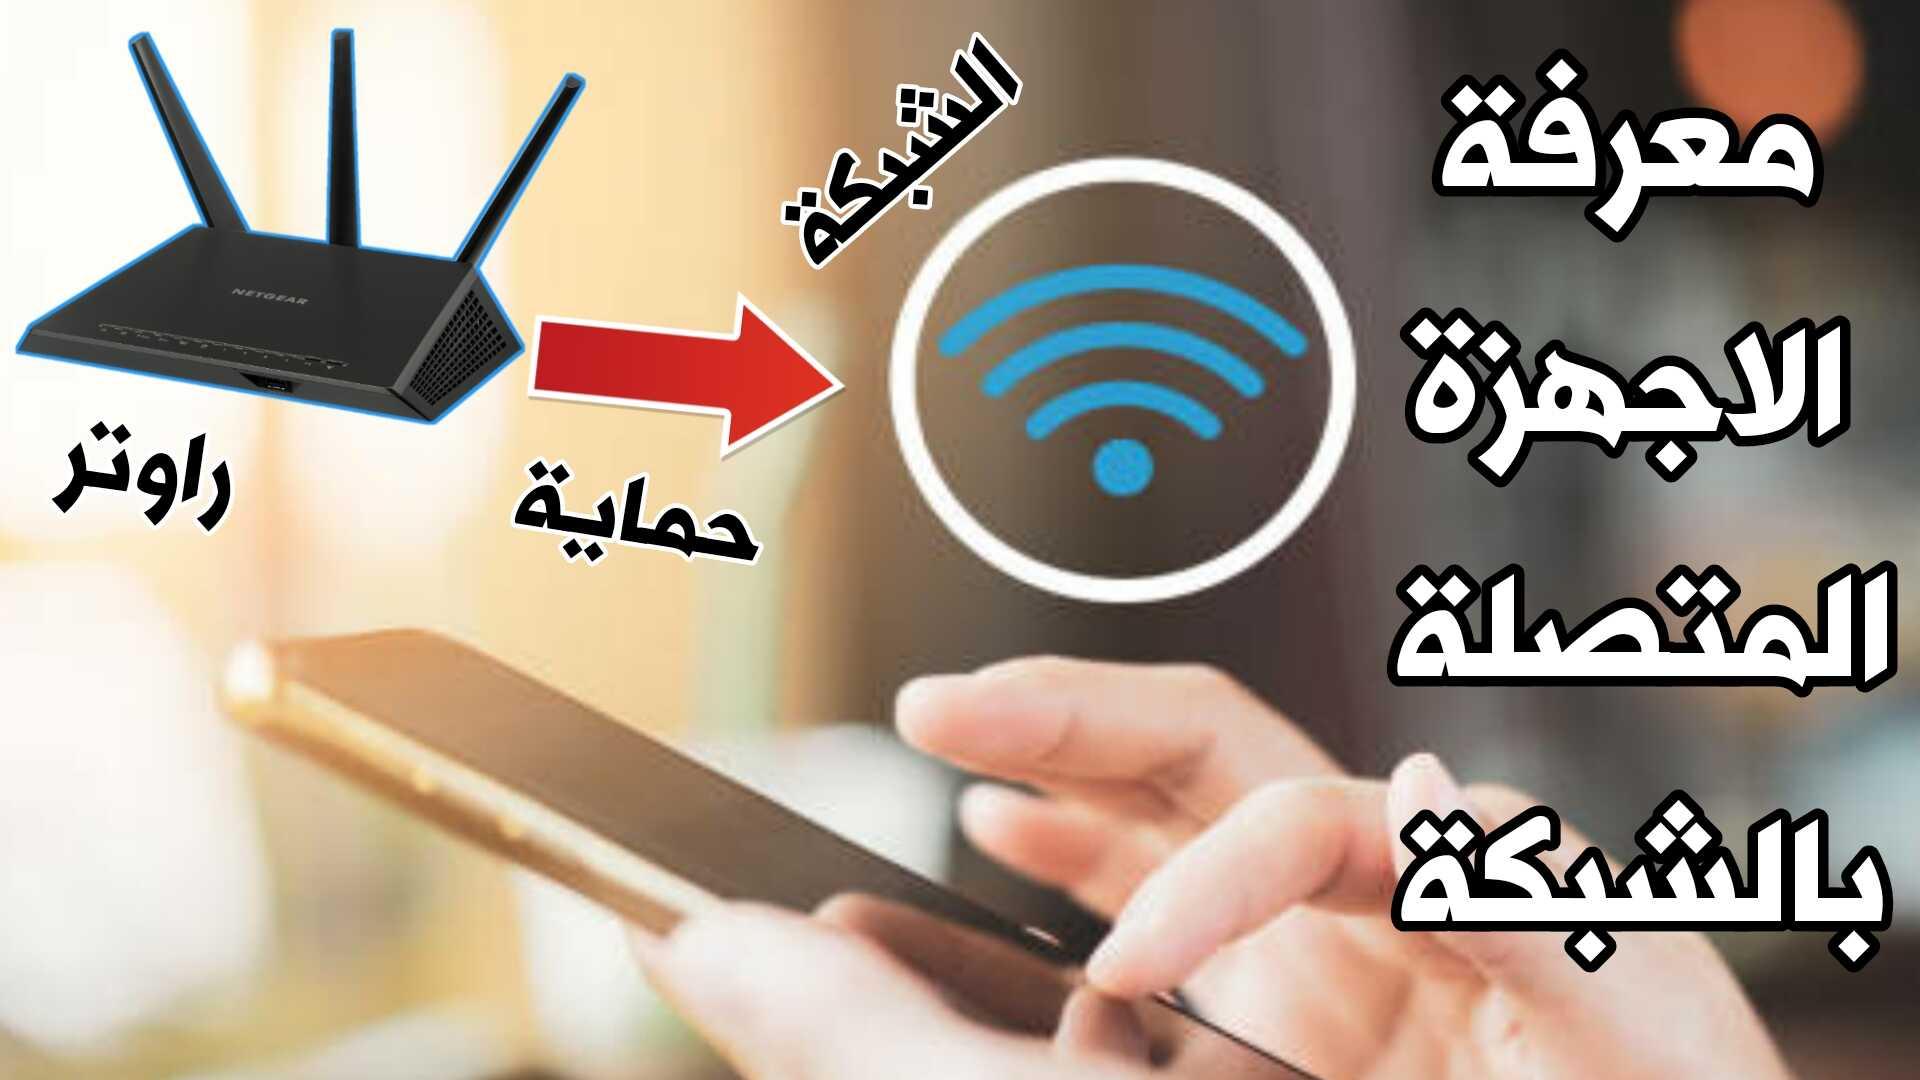 معرفة الاجهزة المتصلة بالشبكة من الهاتف ومعرفة من يسرق الويفي الخاص بك